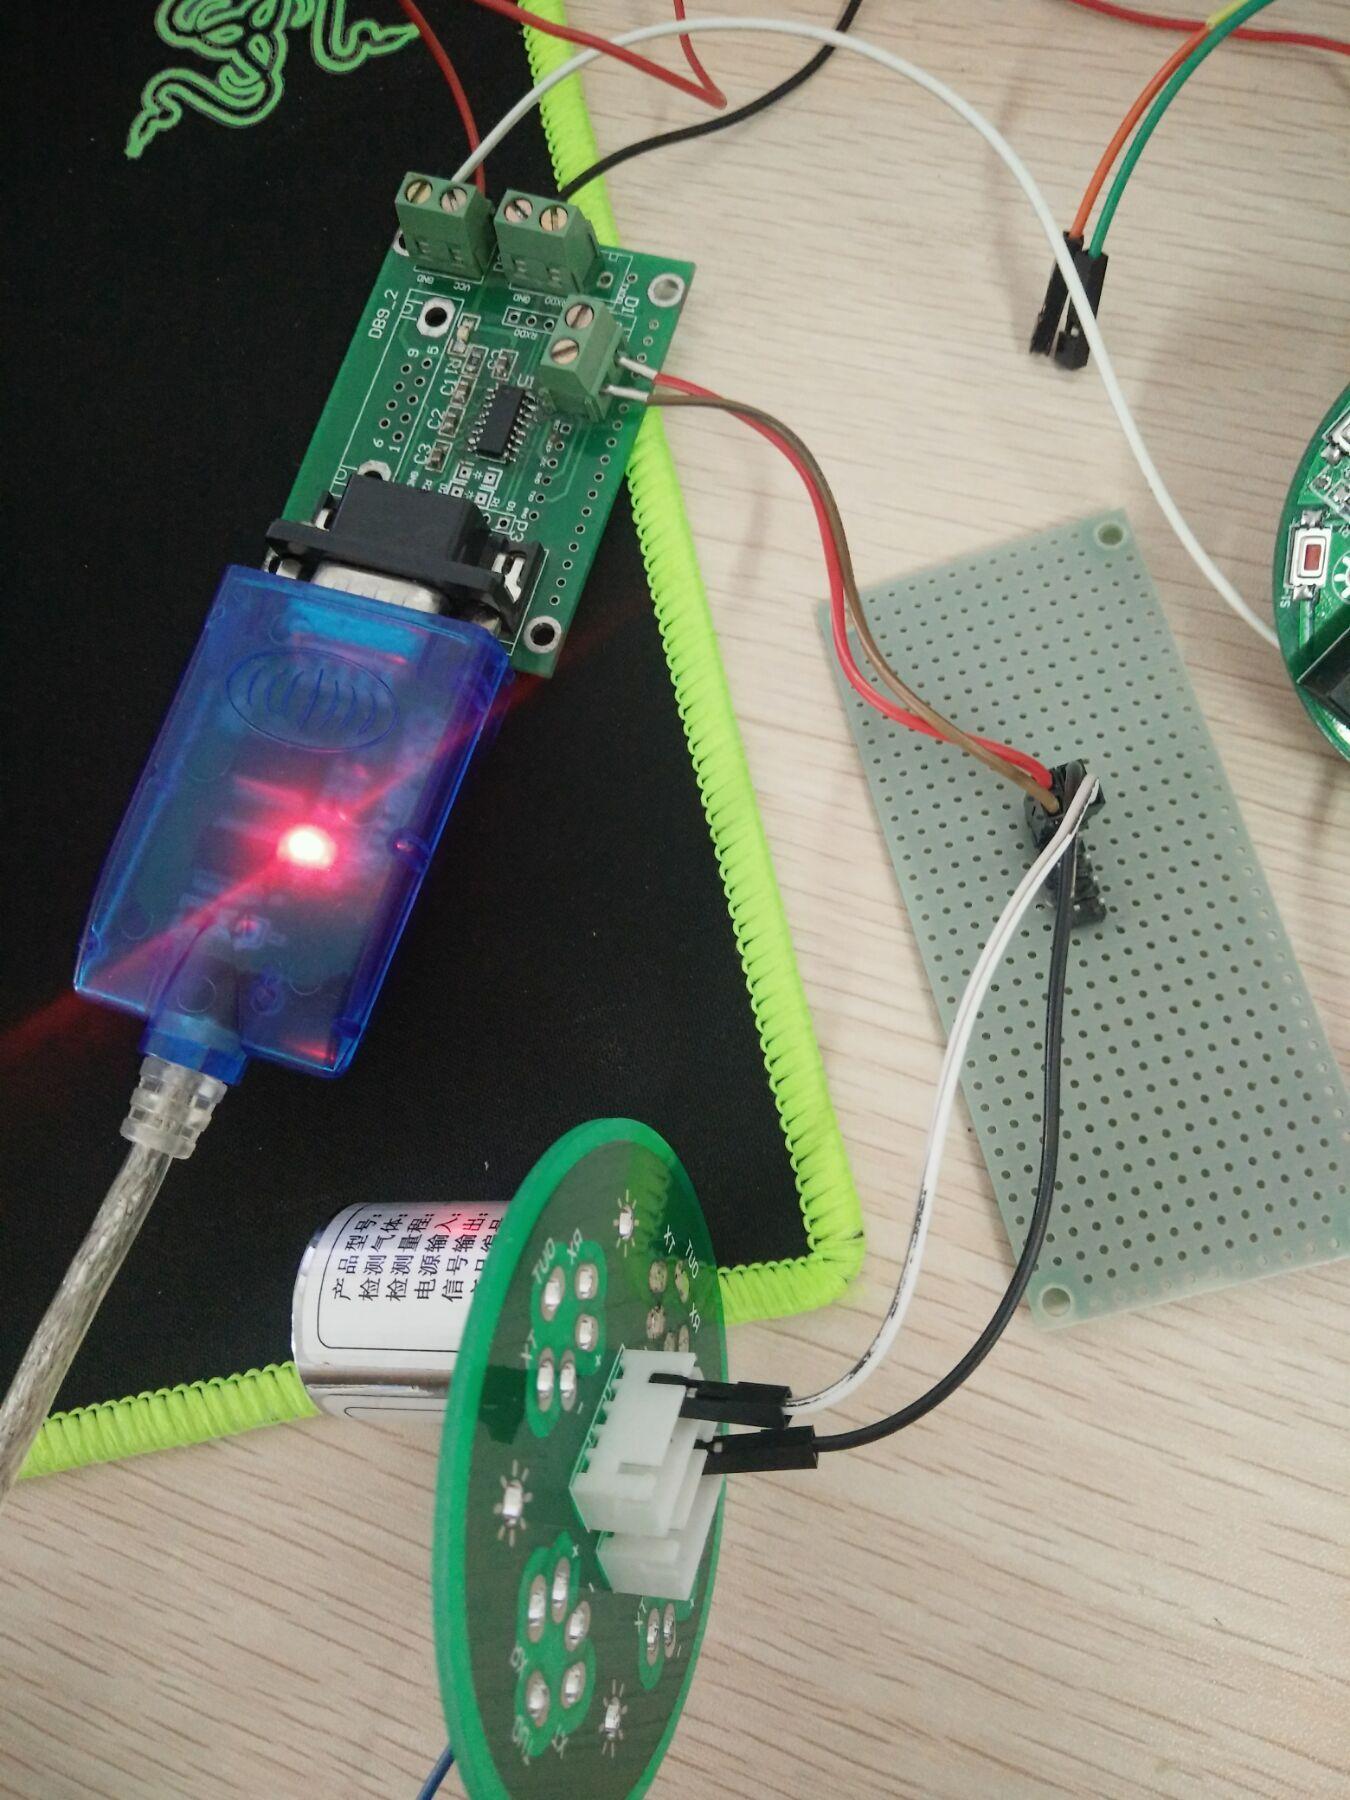 SGA-400/700系列智能型正己烷气体传感器模组&正己烷气体检测模块&正己烷气体集成模块